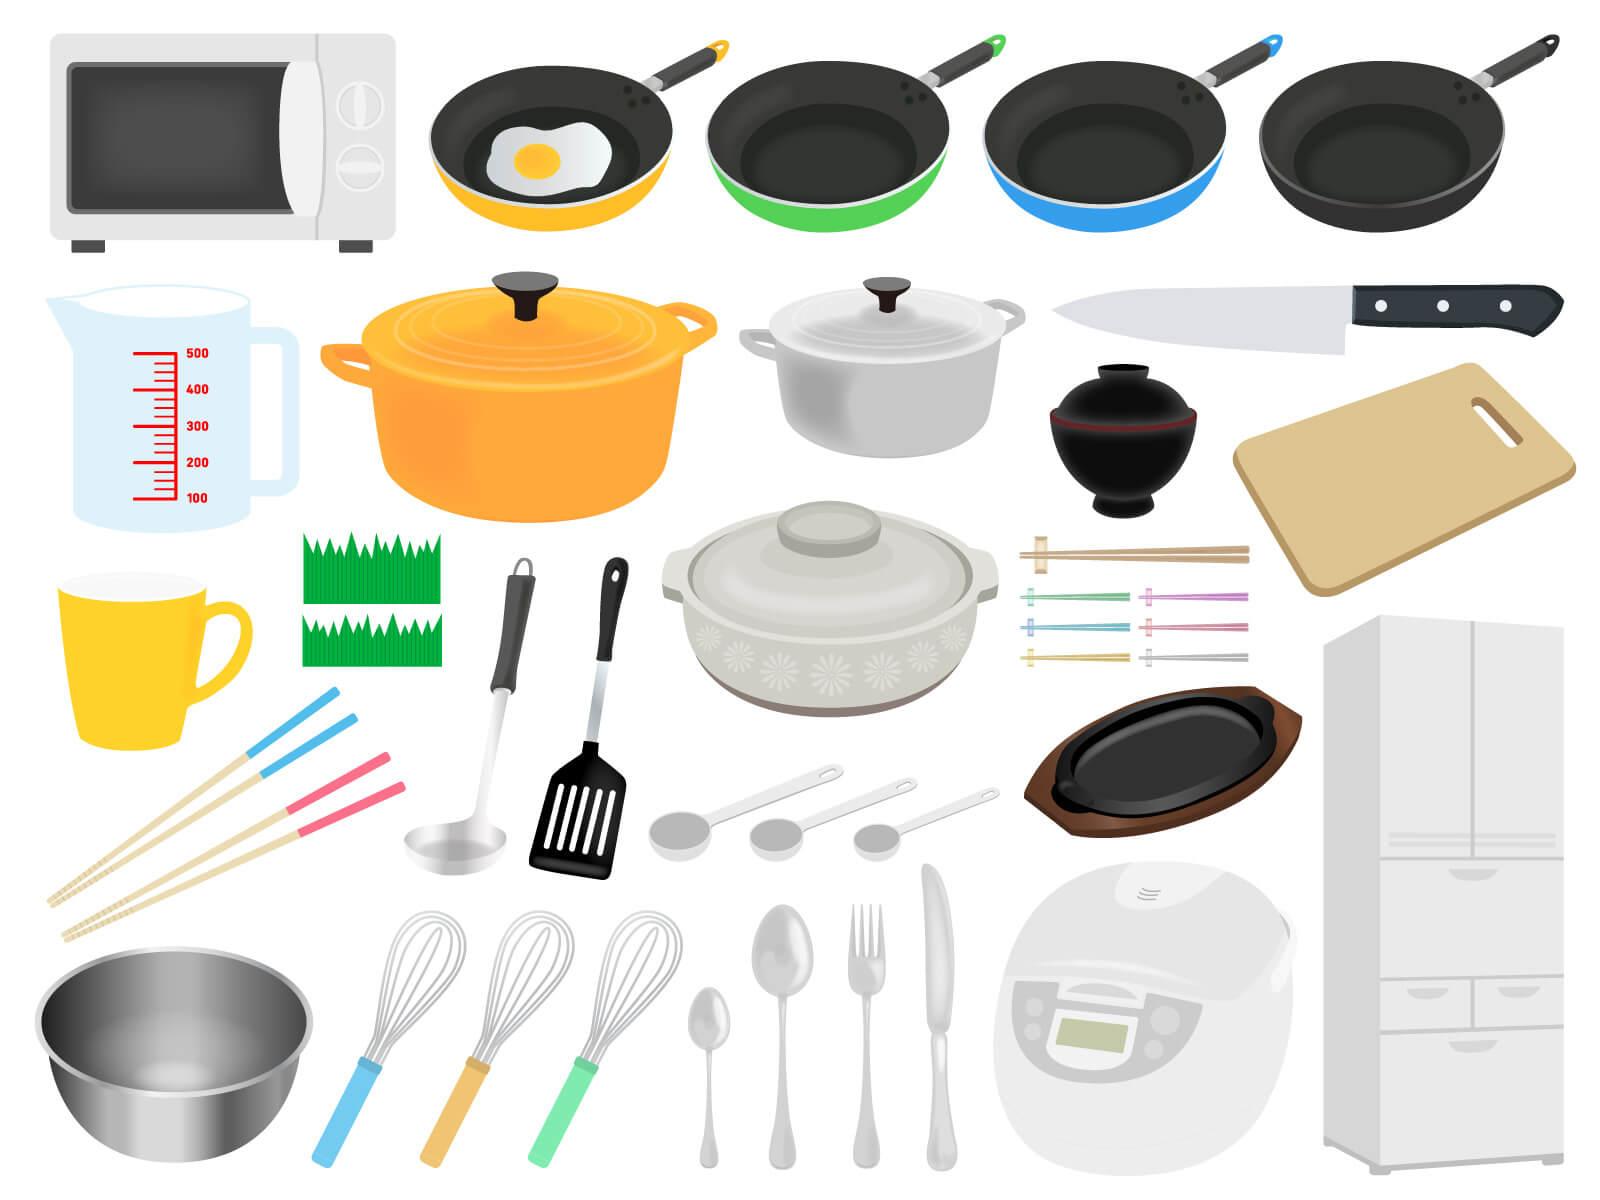 全部買っても1万円【引越し・一人暮らし】自炊にオススメ料理道具10選